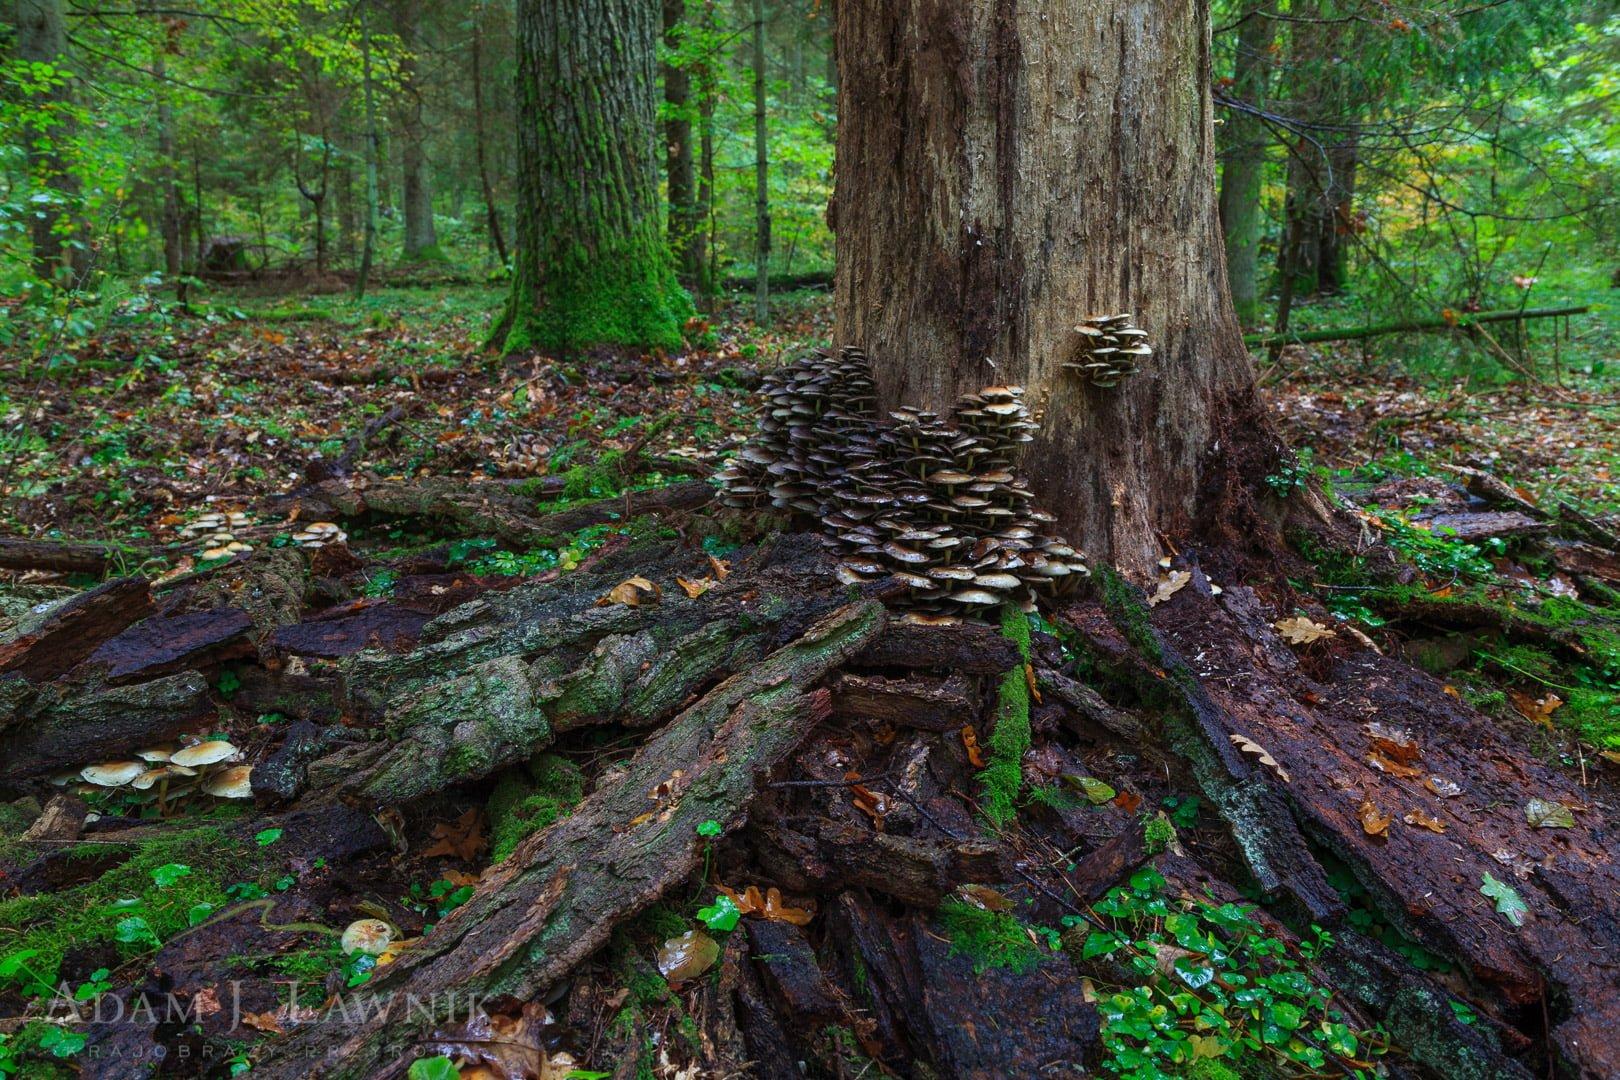 Martwe drzewo obrośnięte grzybami w Puszczy Białowieskiej